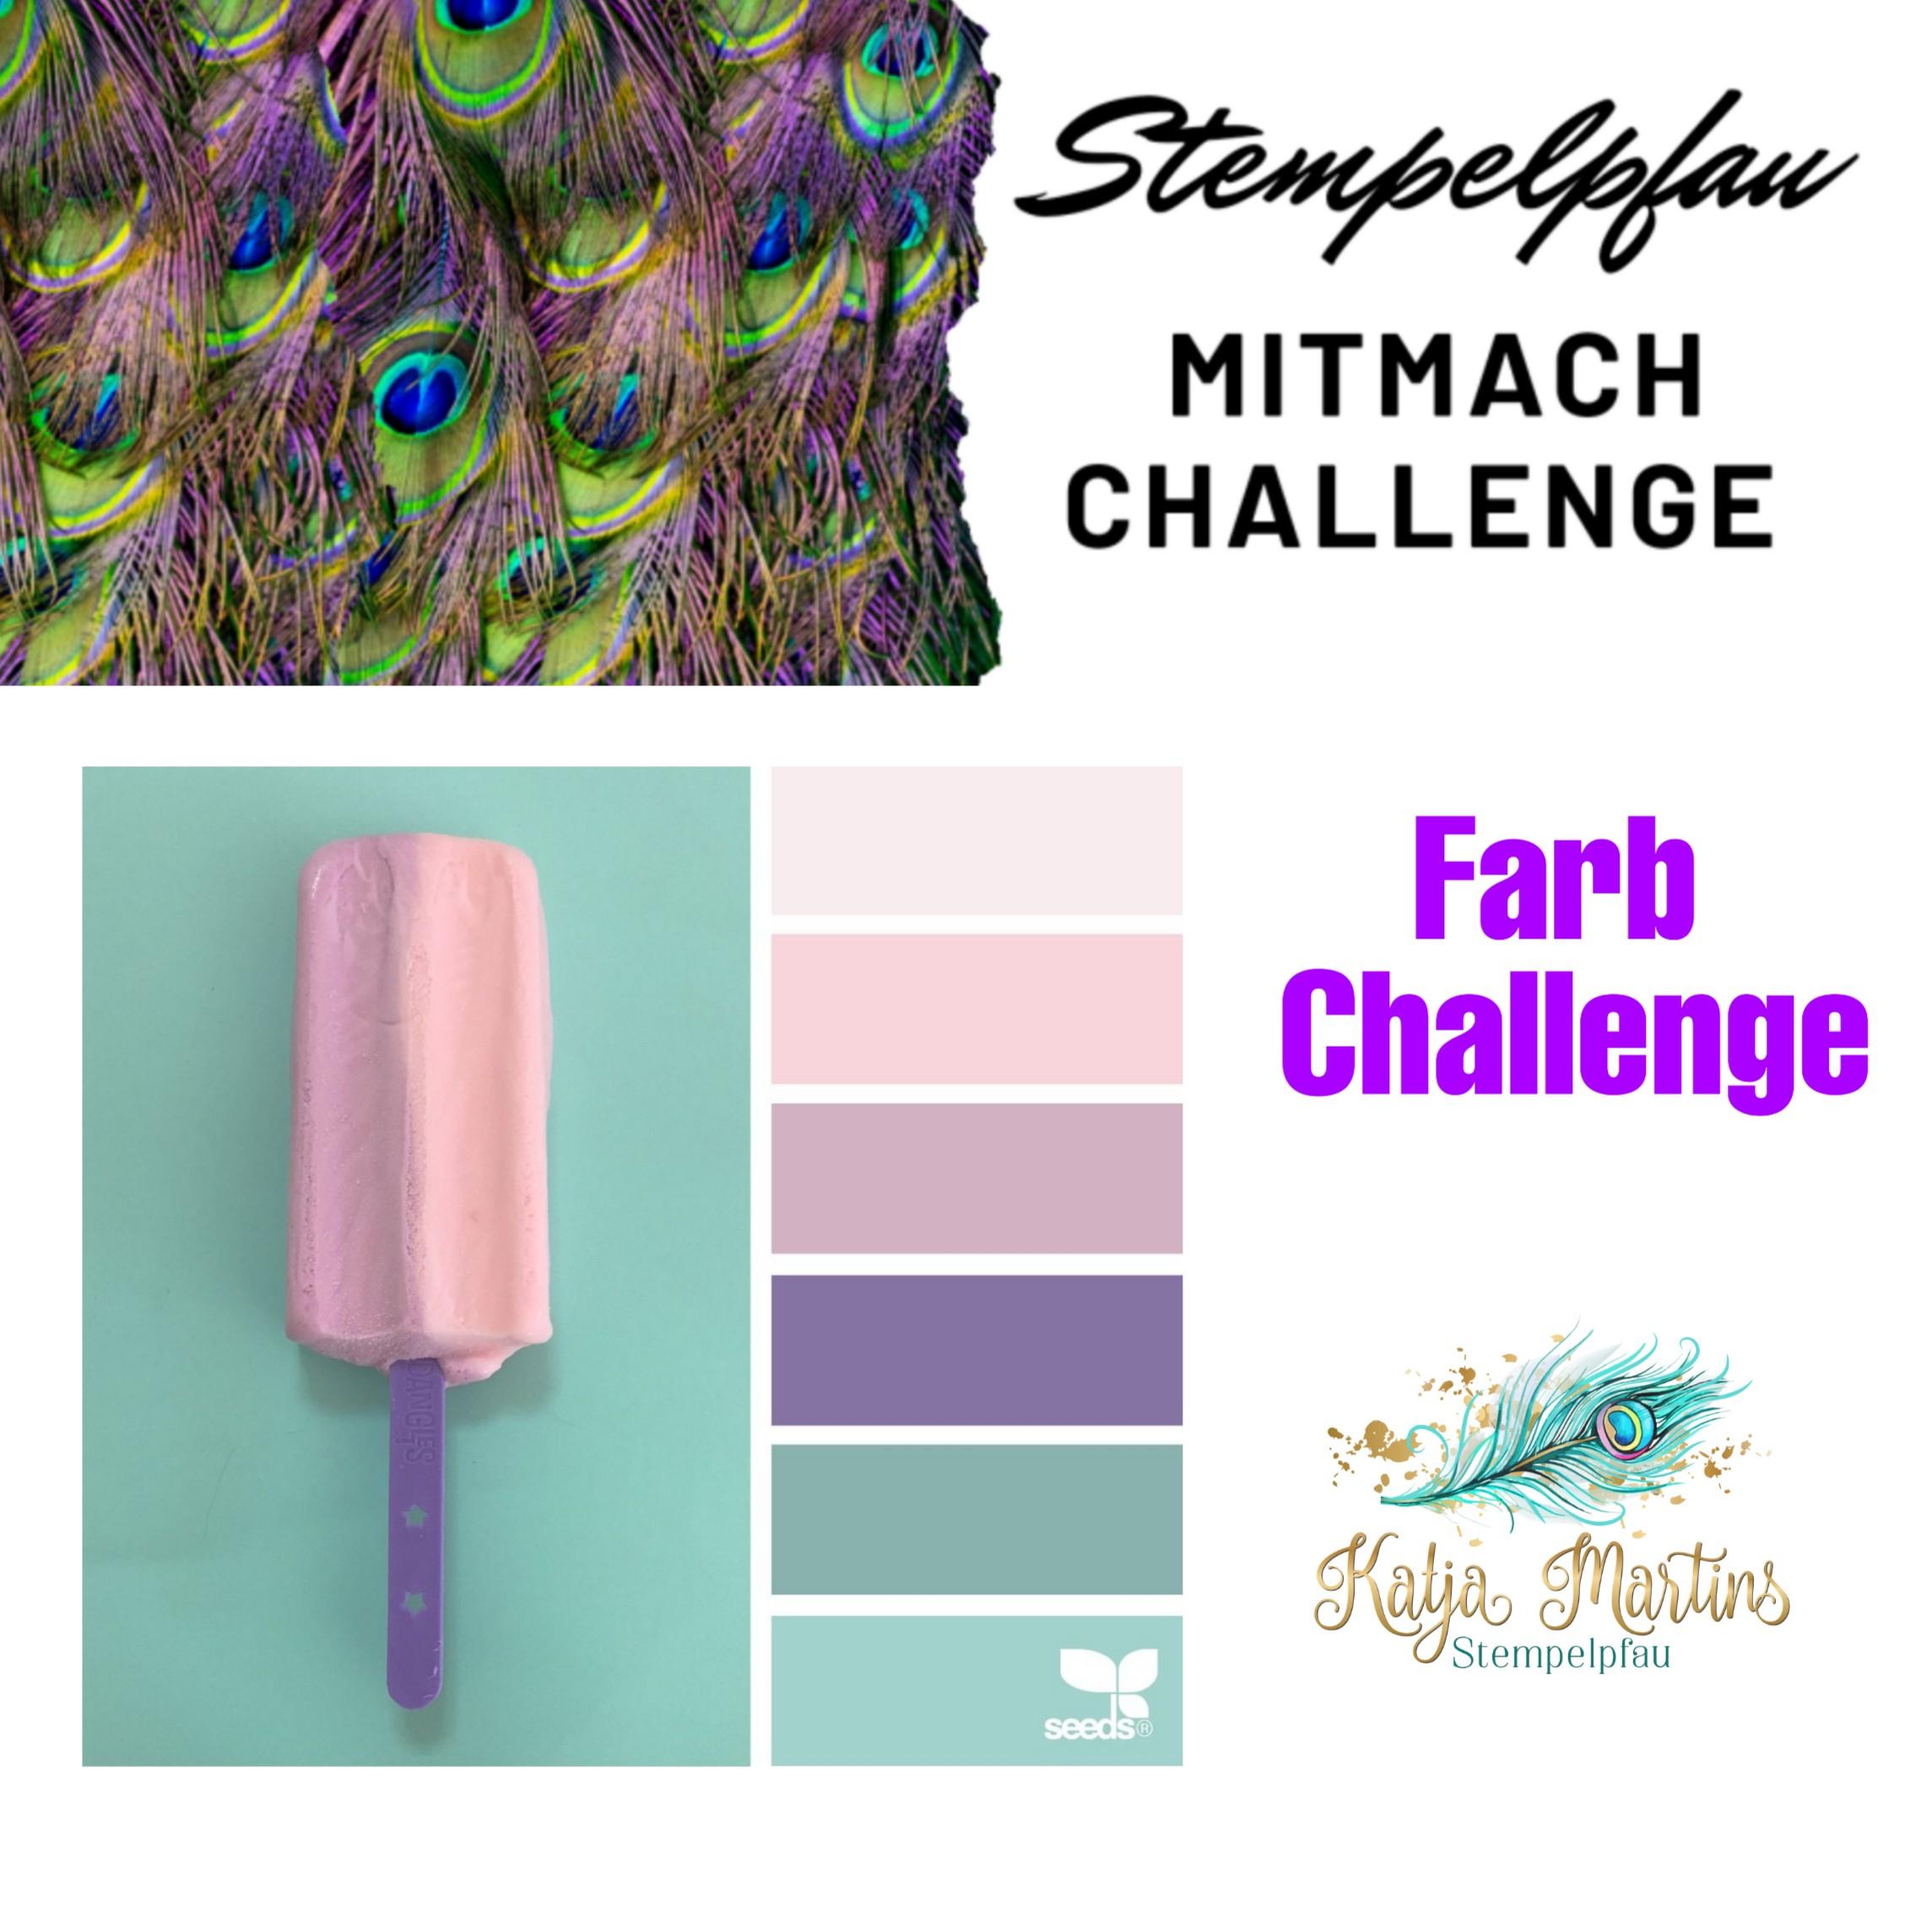 Mitmach Challenge August vom Stempelpfau